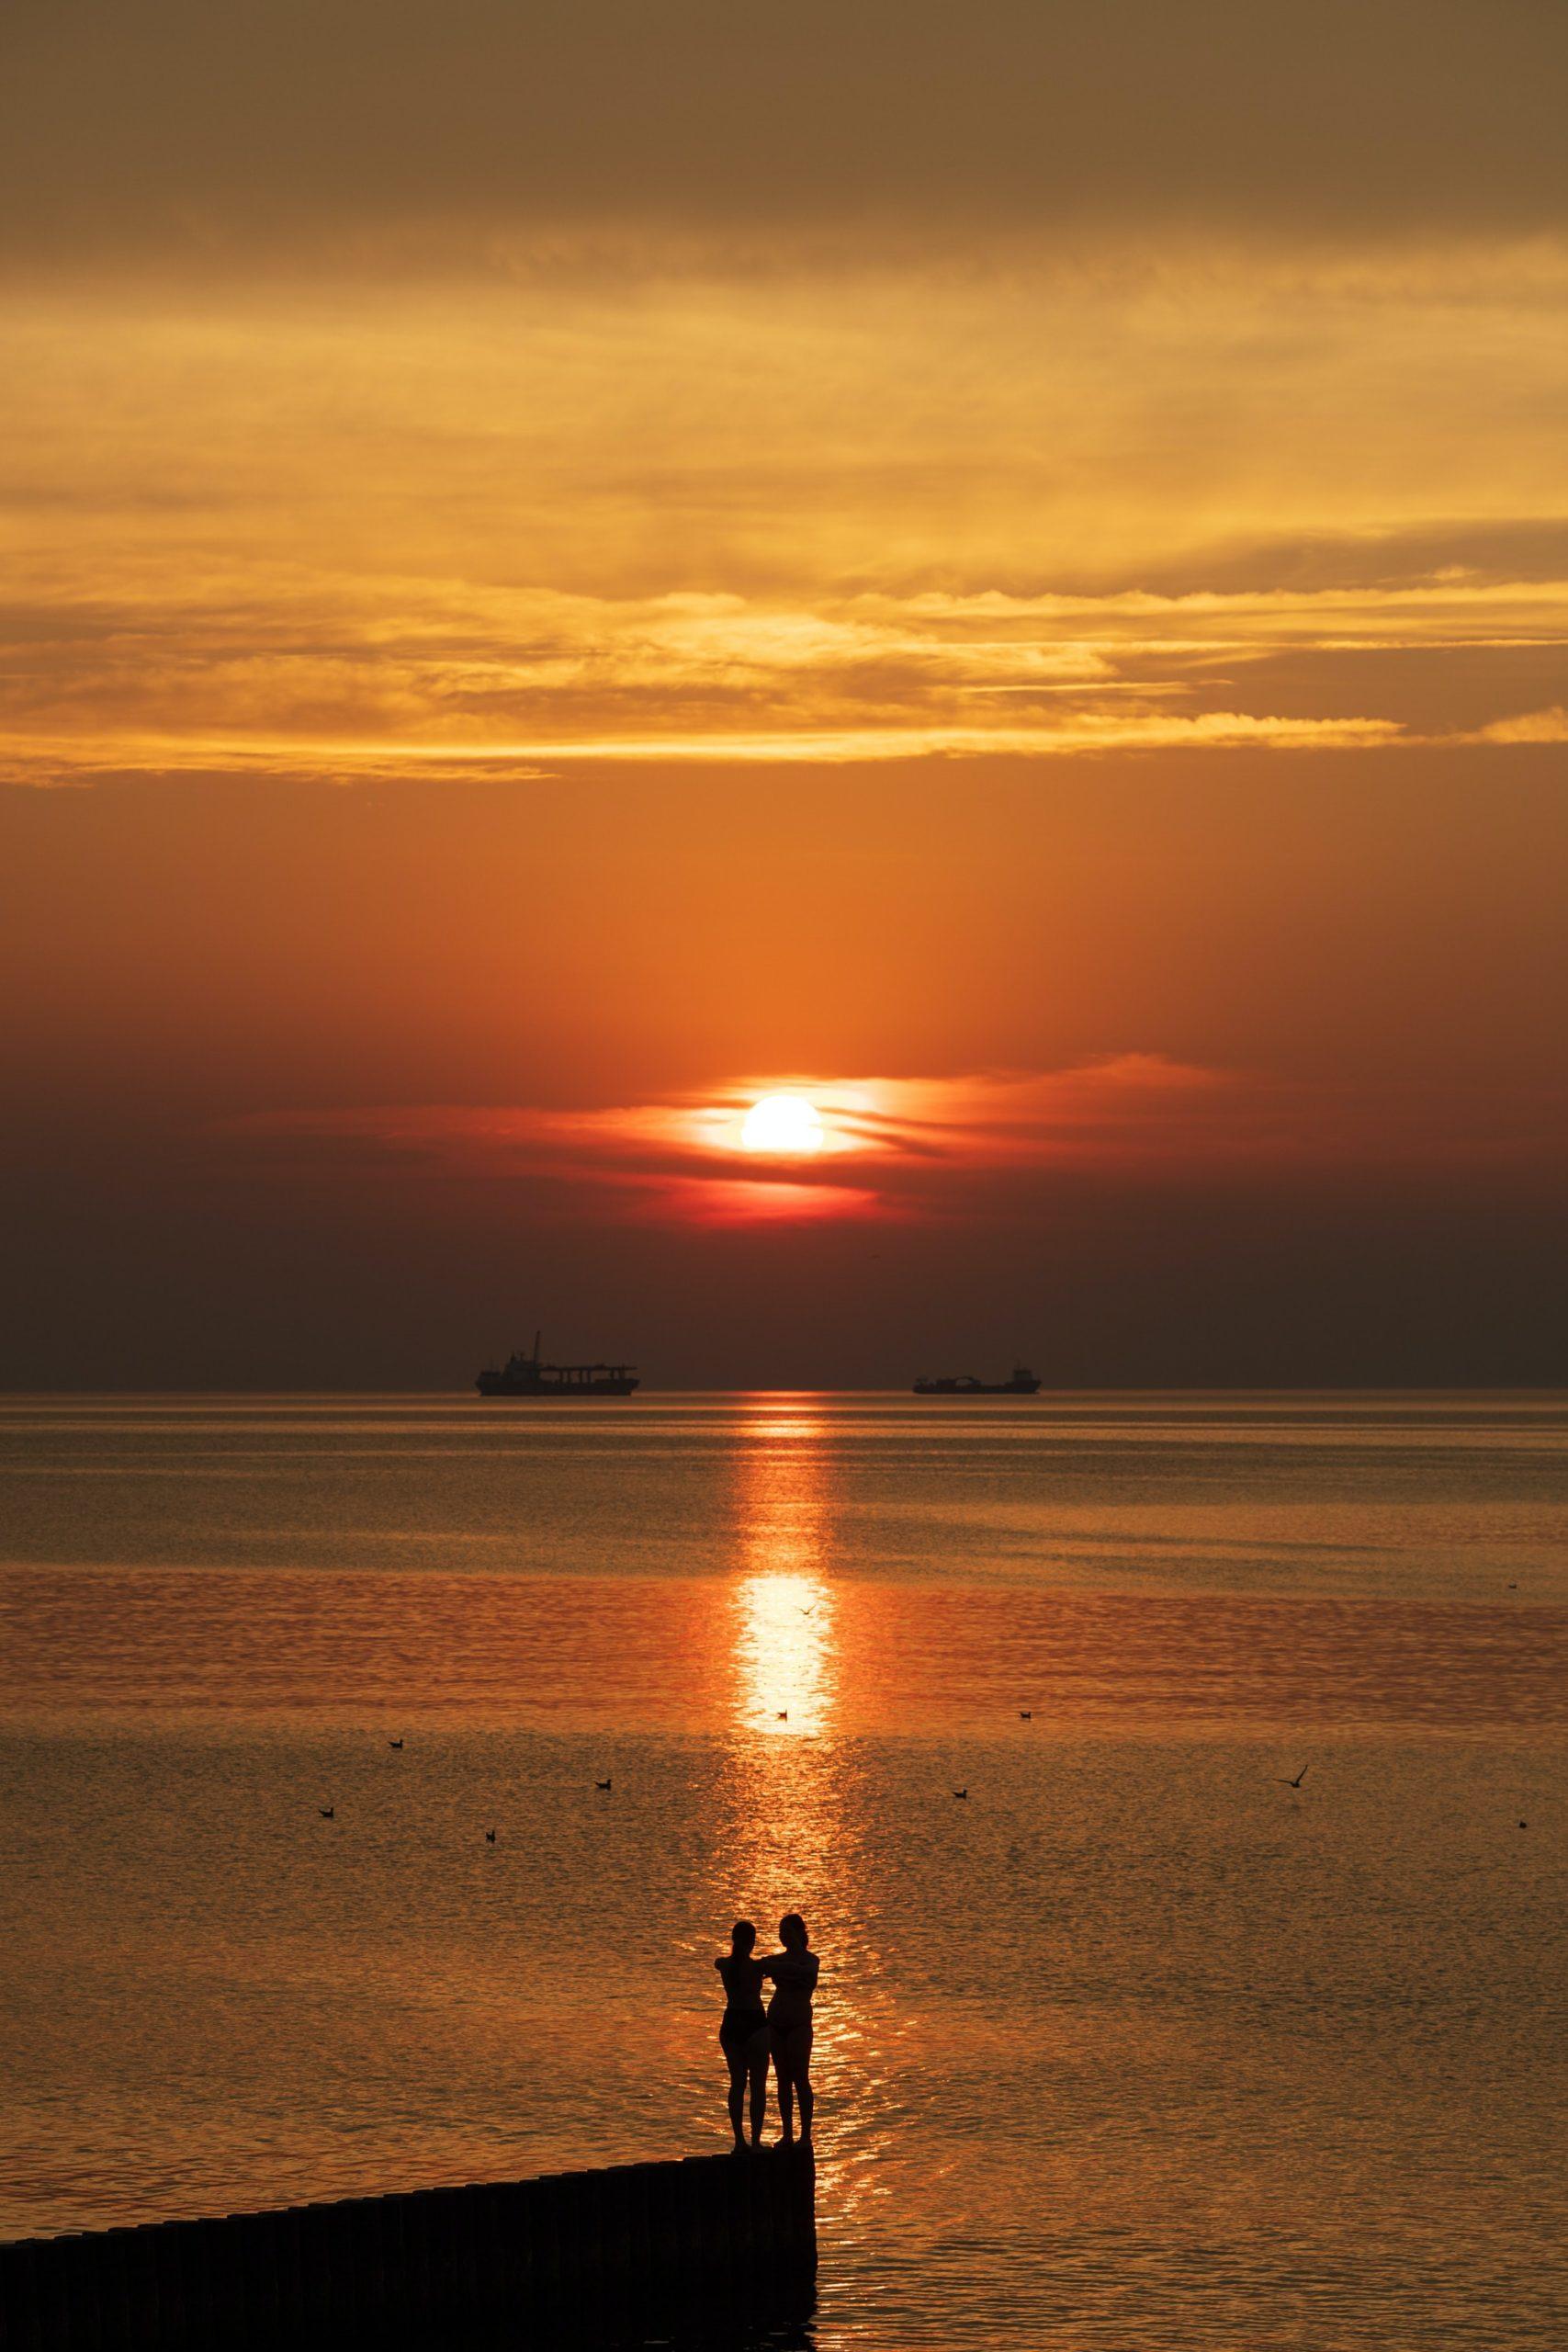 Без вариантов: куда поехать отдыхать на море этим летом